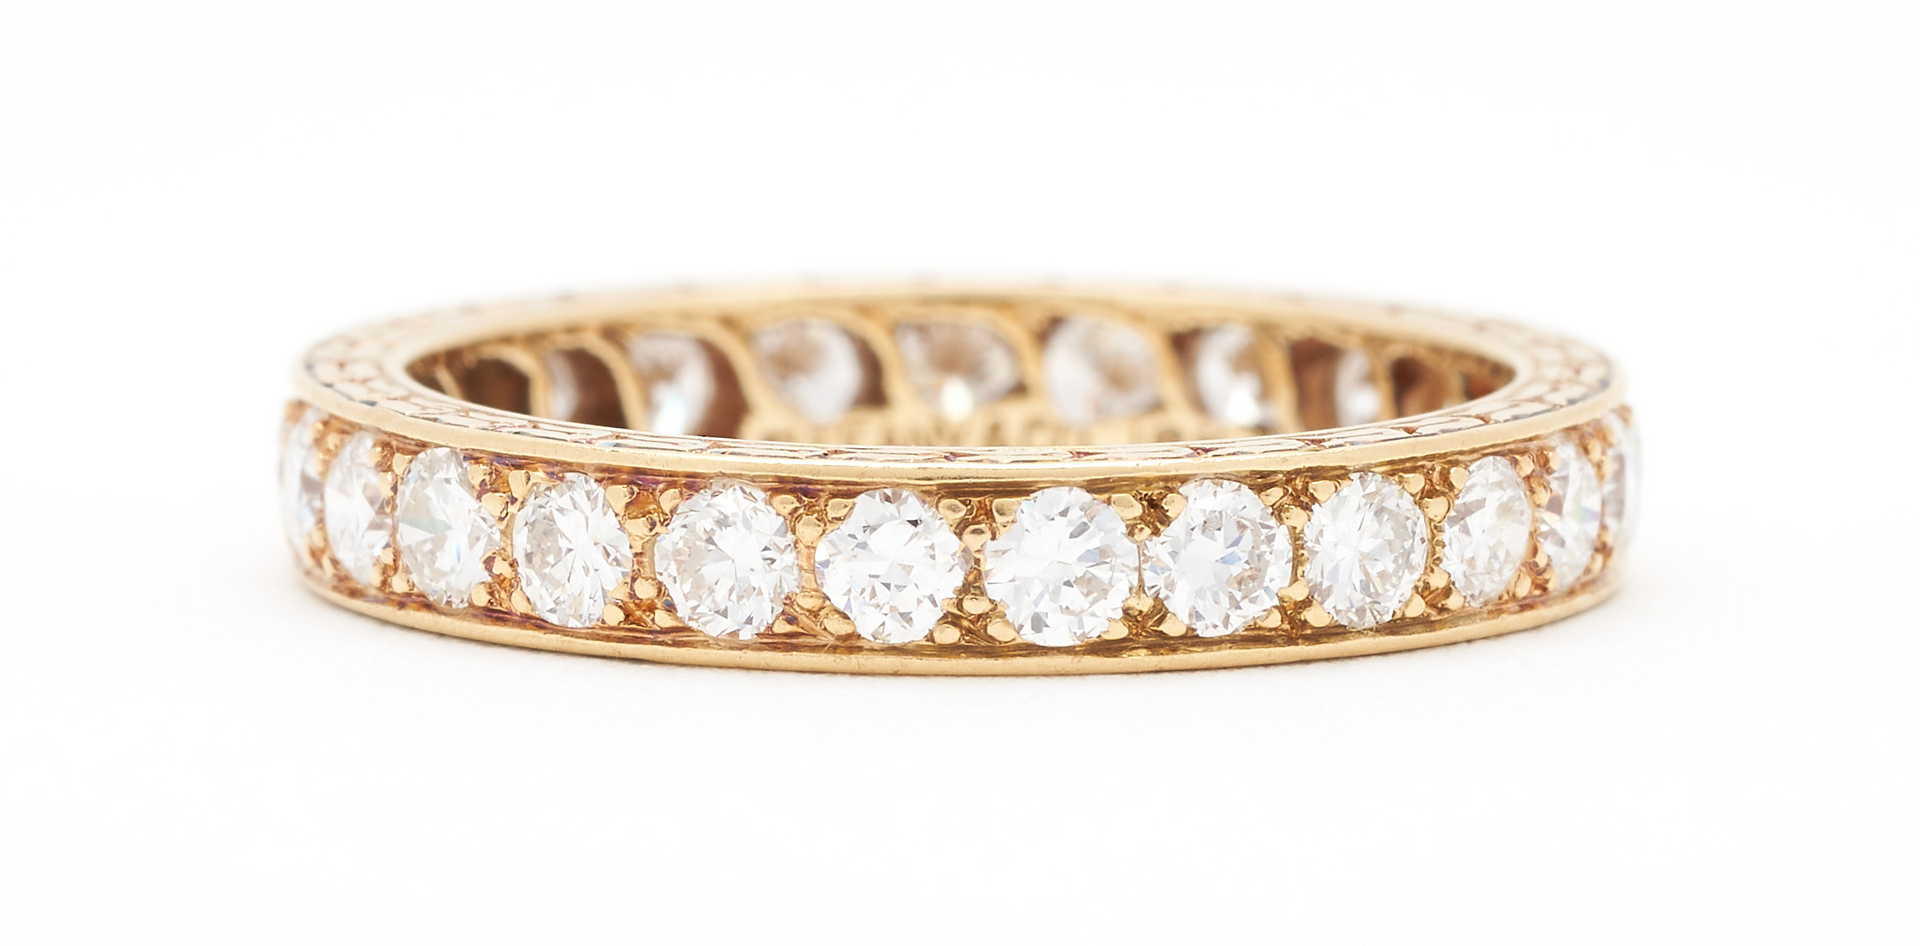 Lot 263: 2 18K Tiffany & Company Eternity Bands, Diamond & Sapphire